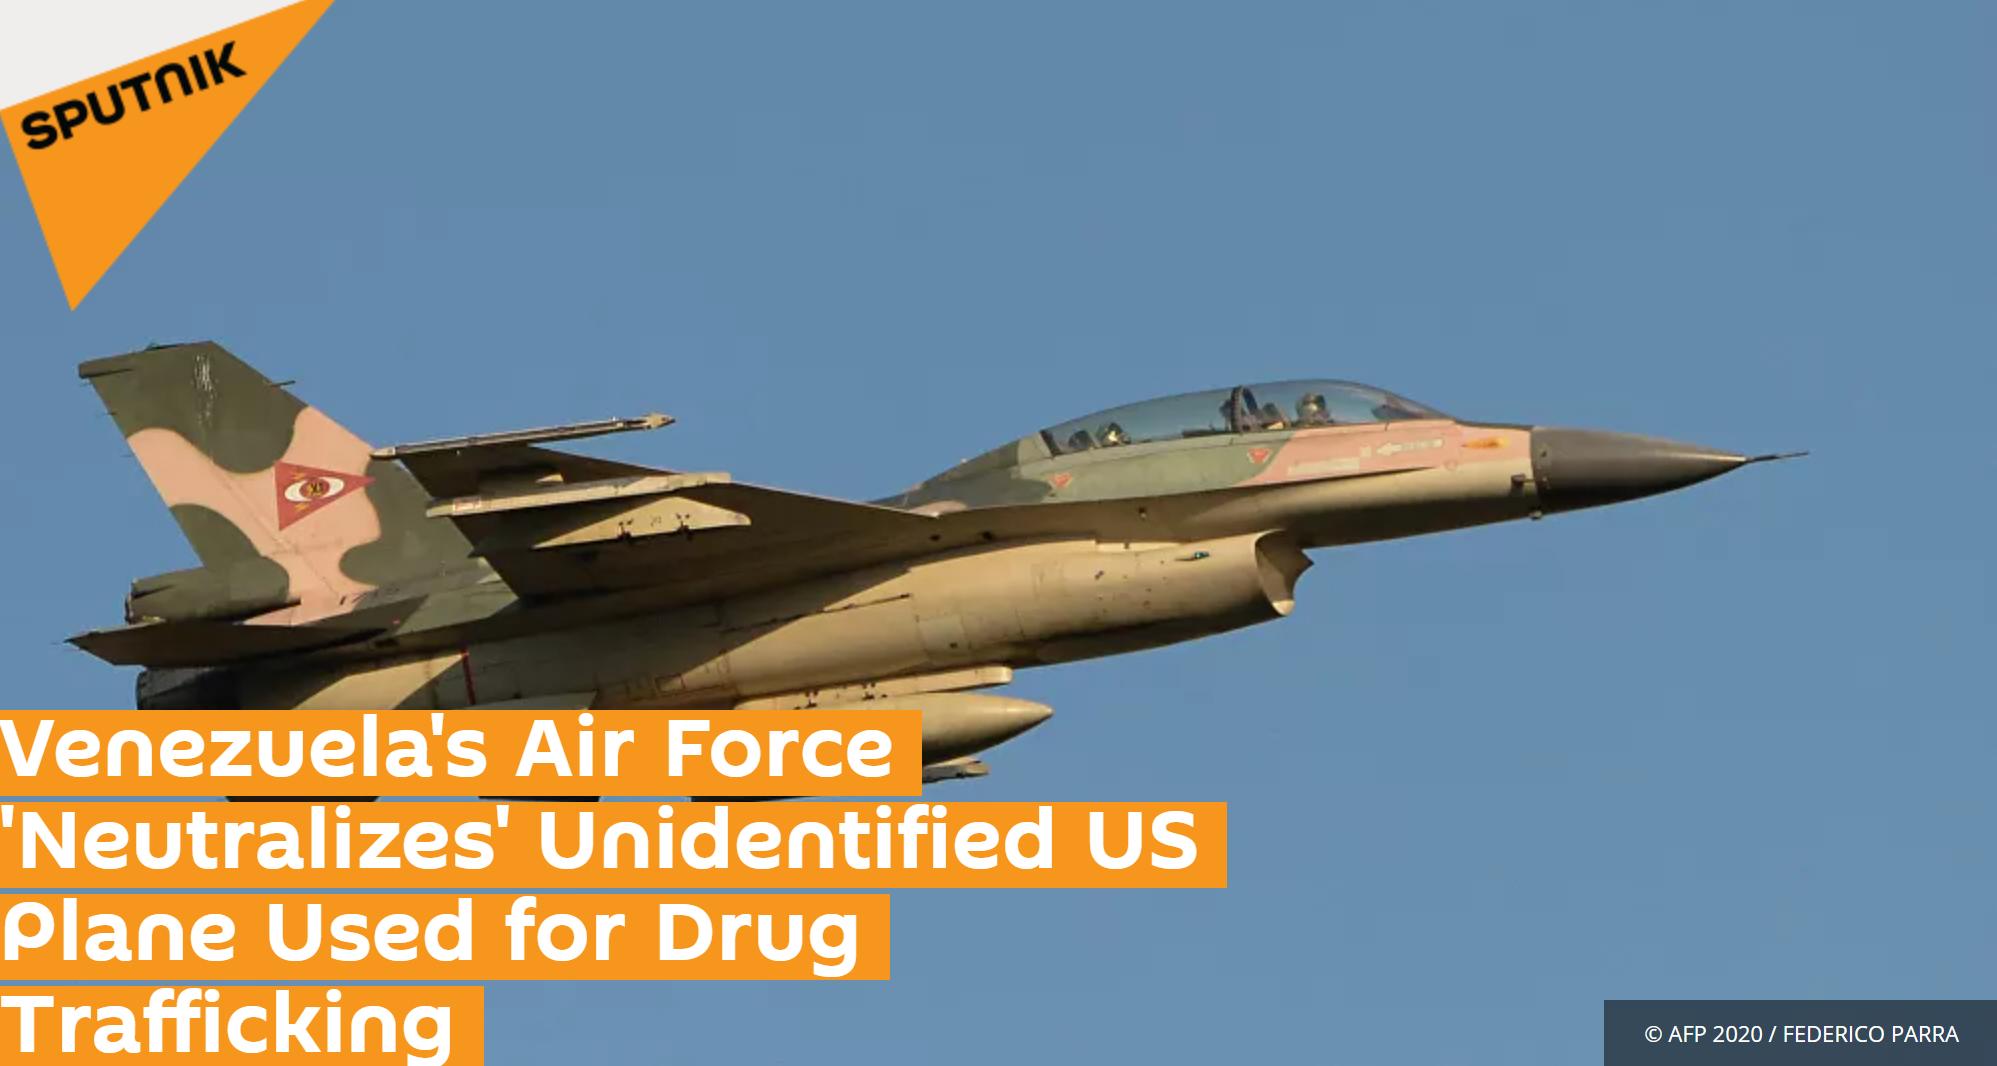 """俄罗斯卫星网:委内瑞拉空军""""击落""""一架被用于贩毒的身份不明的美国飞机"""